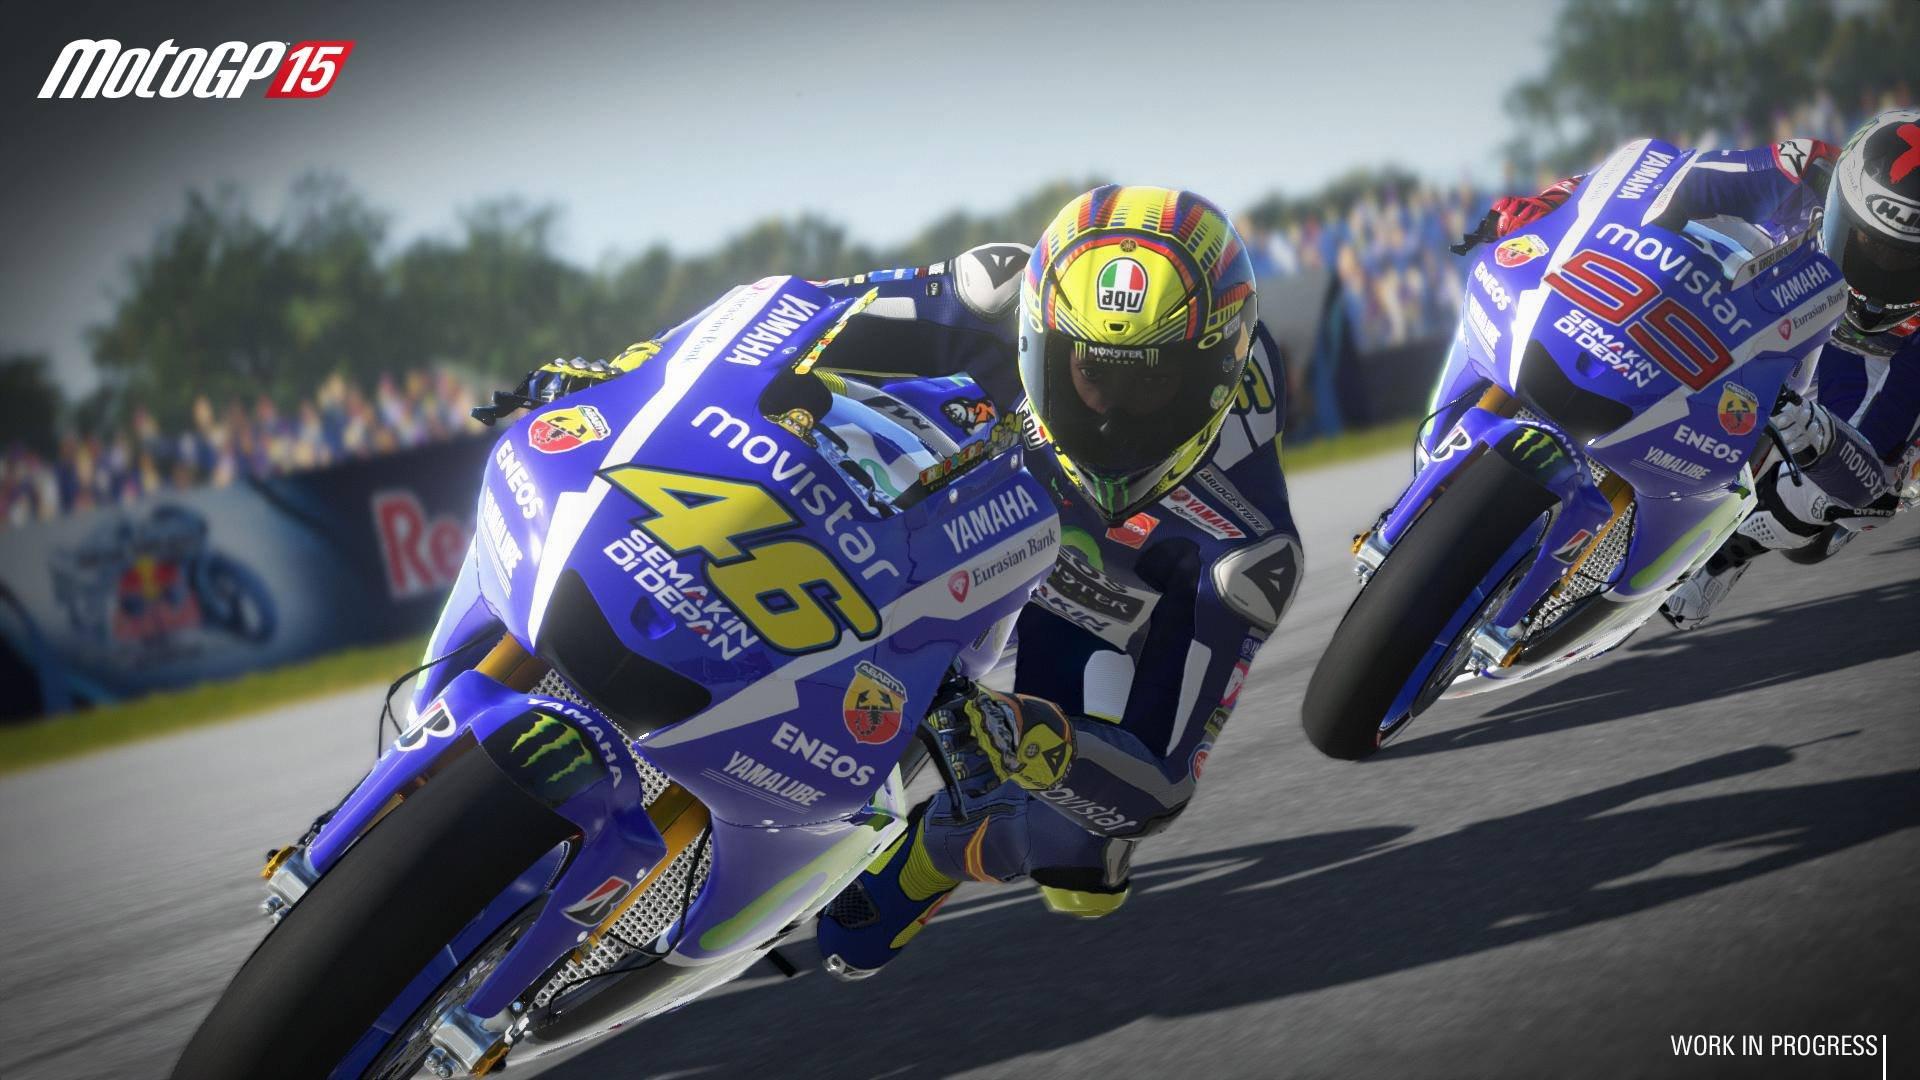 MotoGP 15 (PC)(Full)(Español)(MEGA) - Solo por MEGA